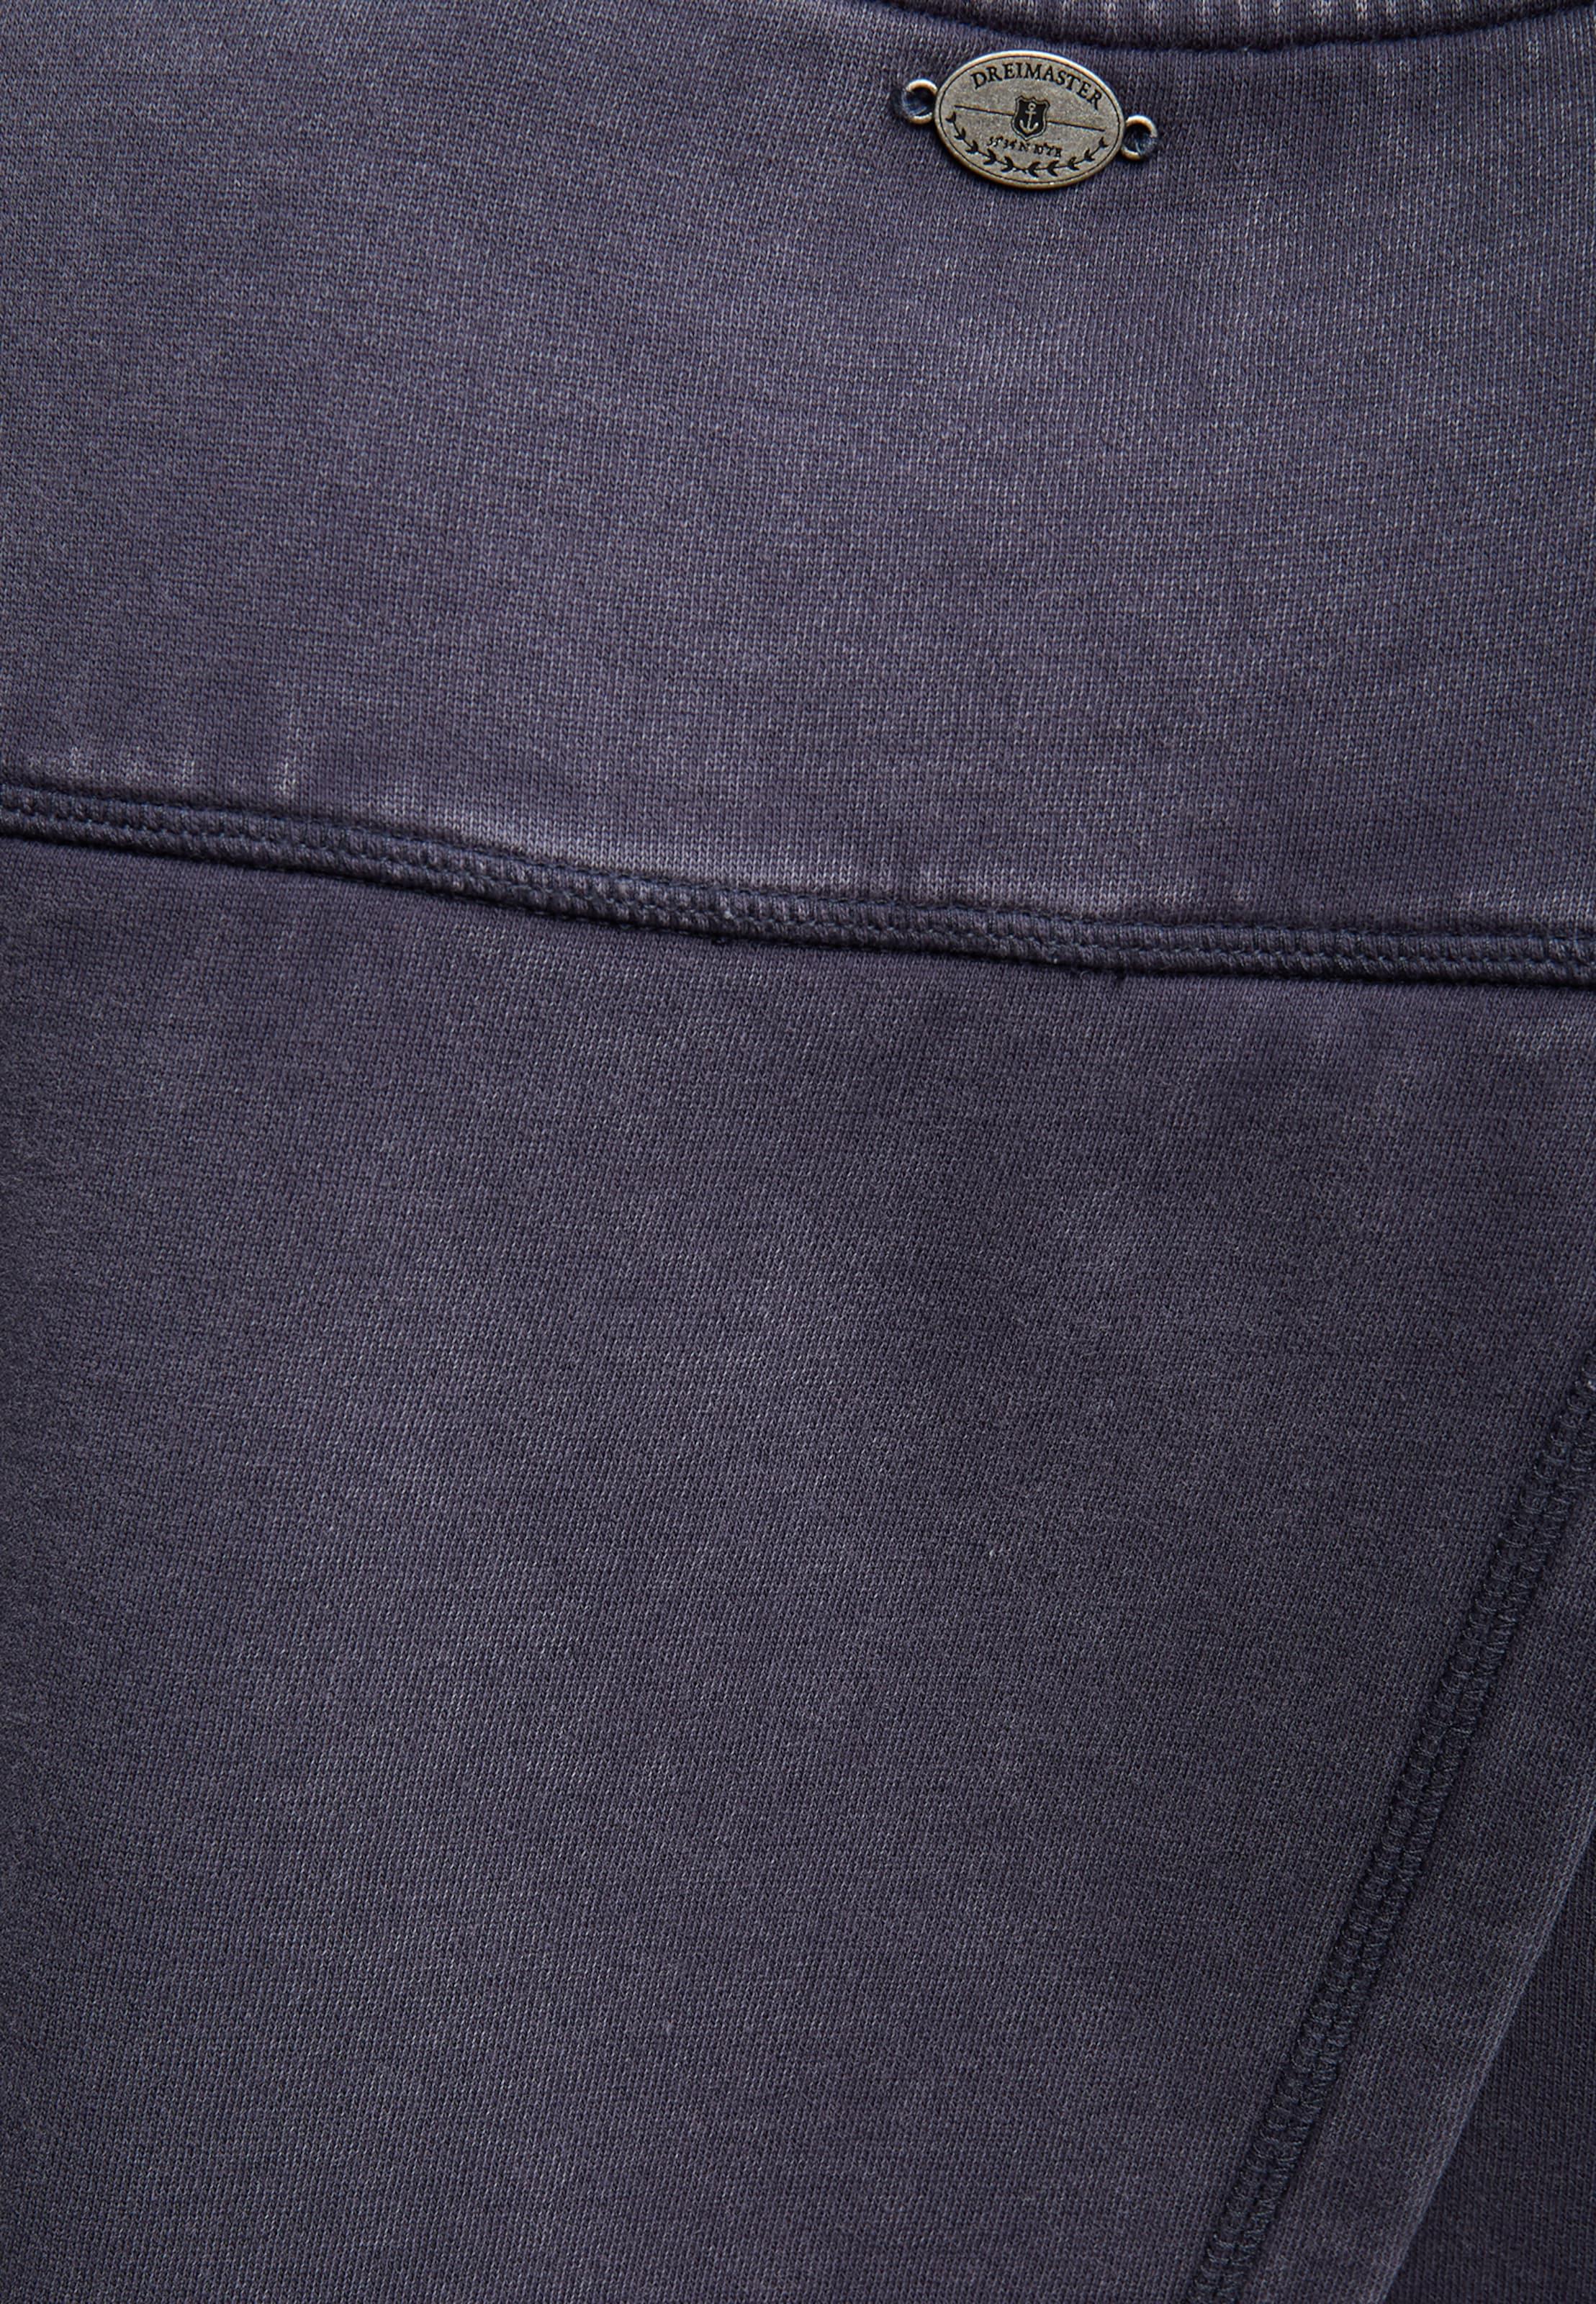 shirt Sweat Noir Noir Dreimaster En Dreimaster En shirt Sweat cjS5ARq4L3